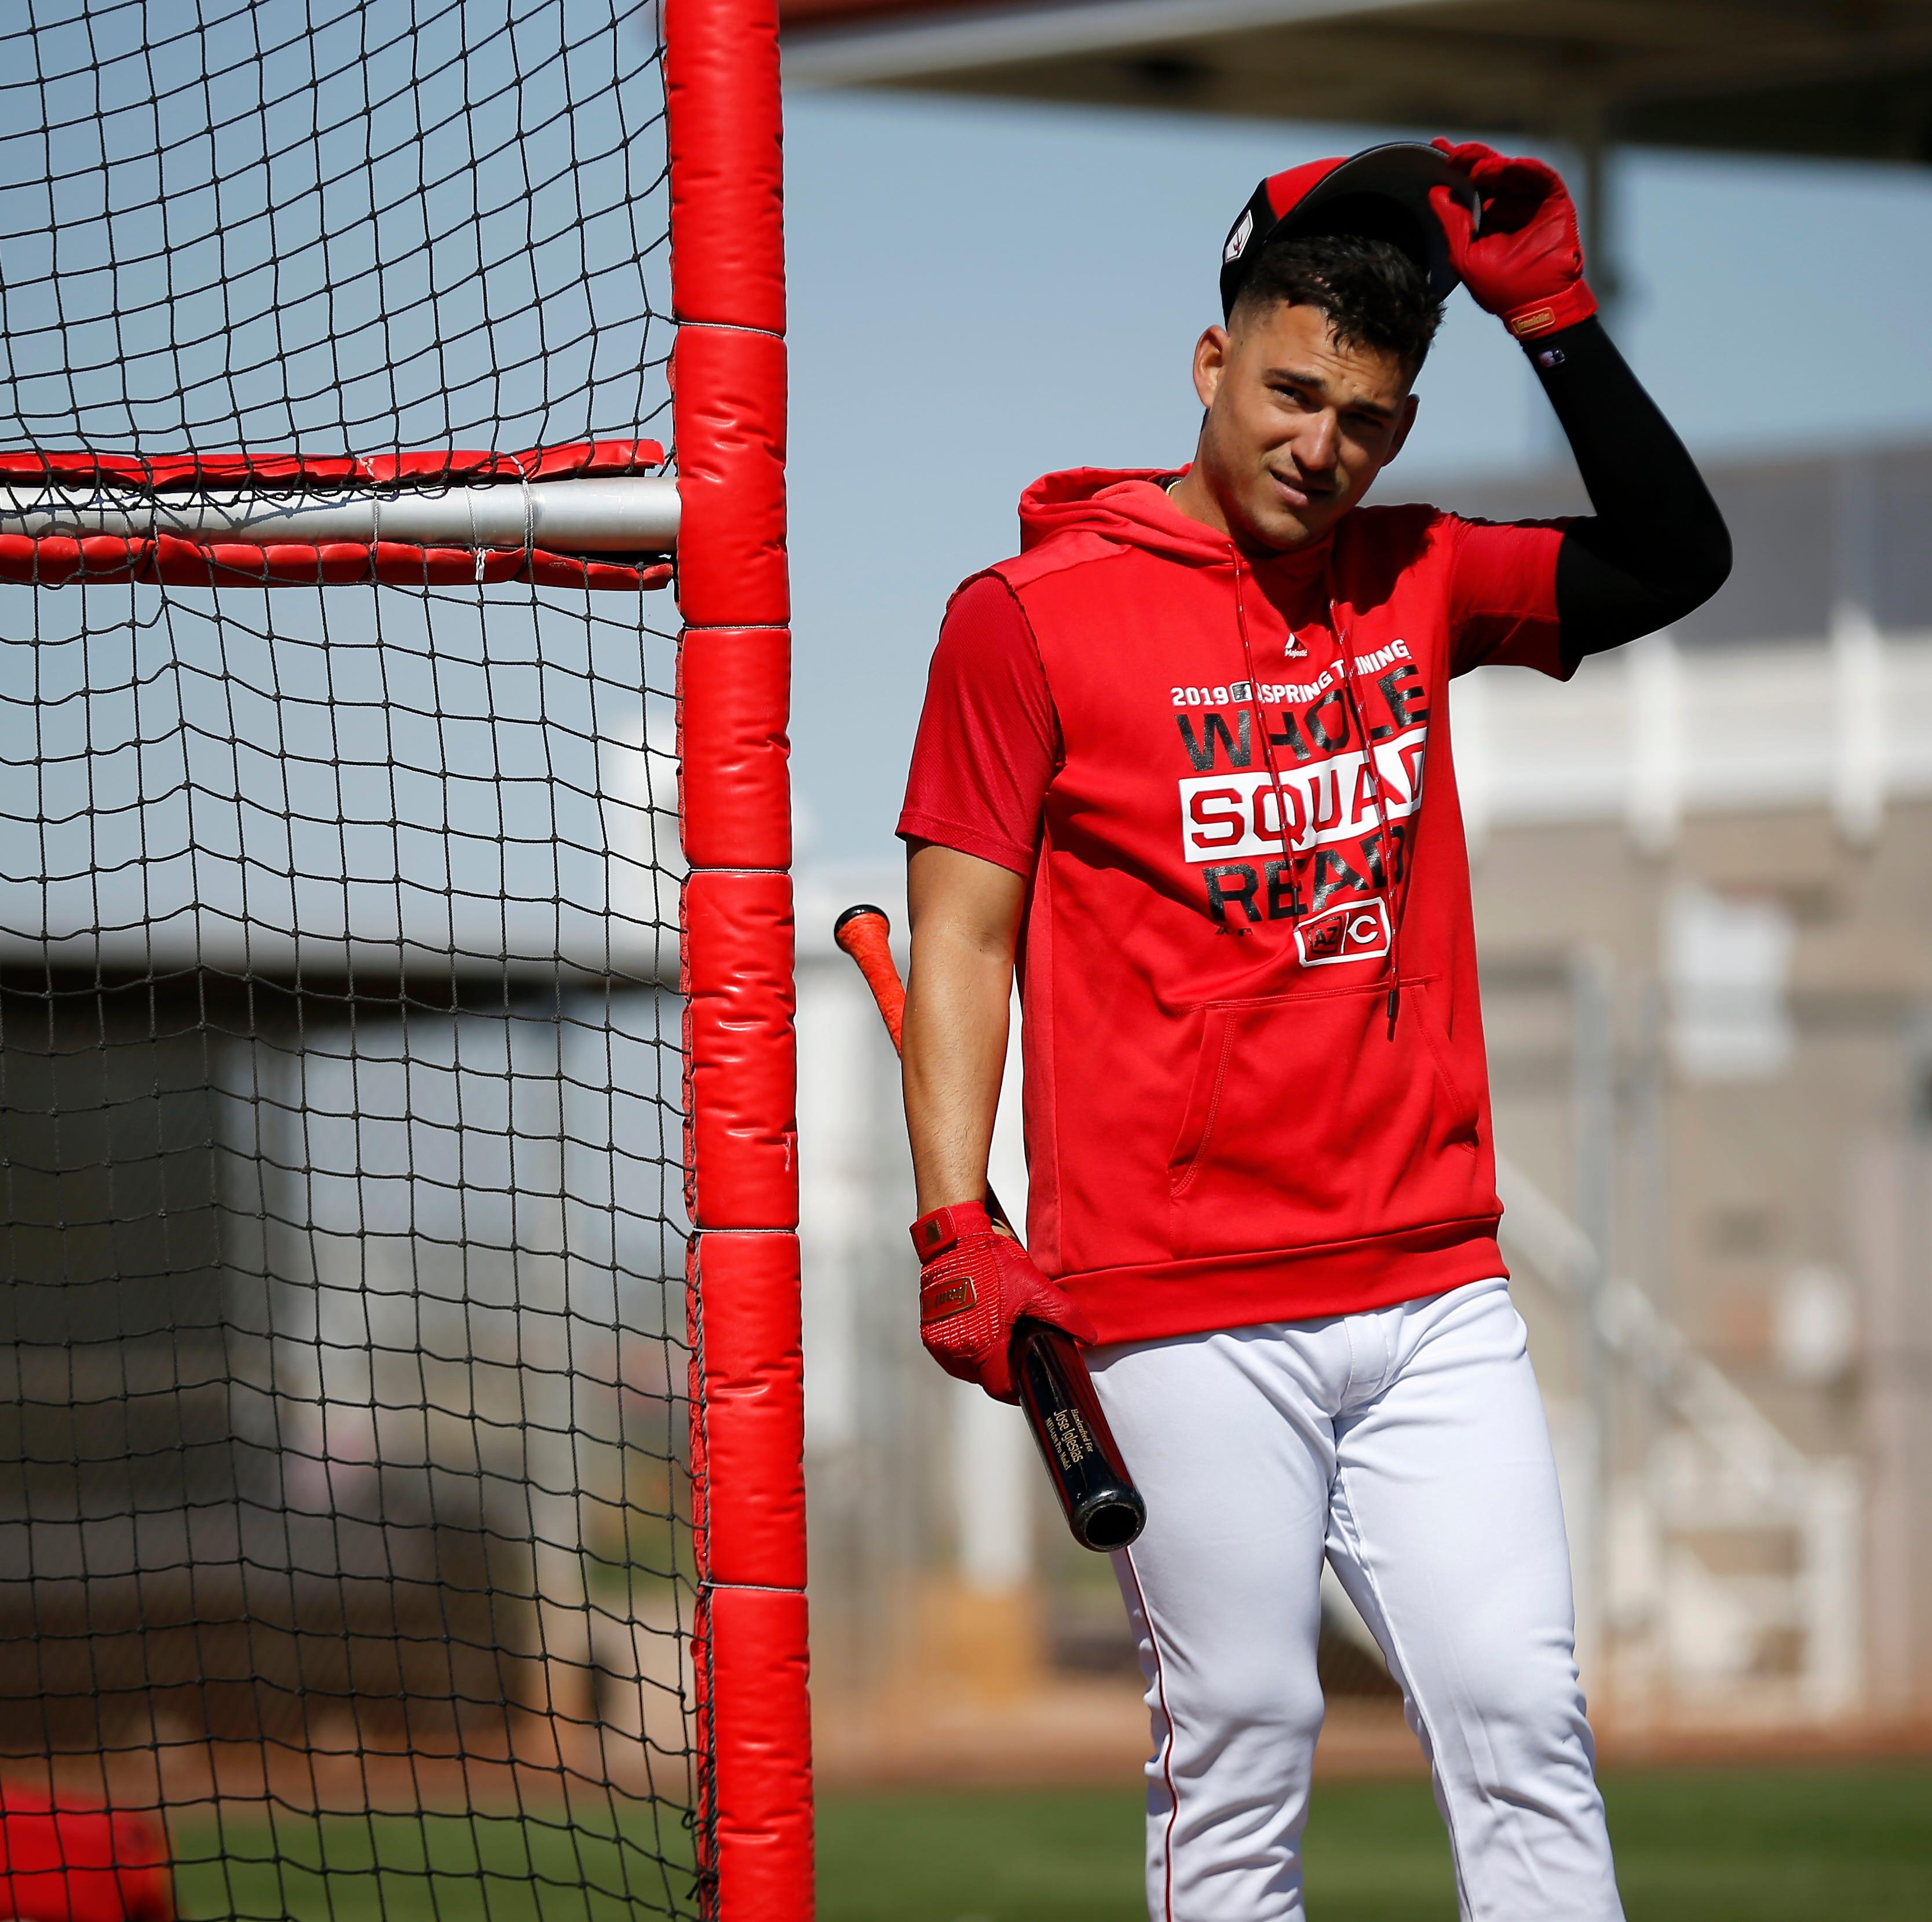 Cincinnati Reds add shortstop Jose Iglesias on a minor league contract